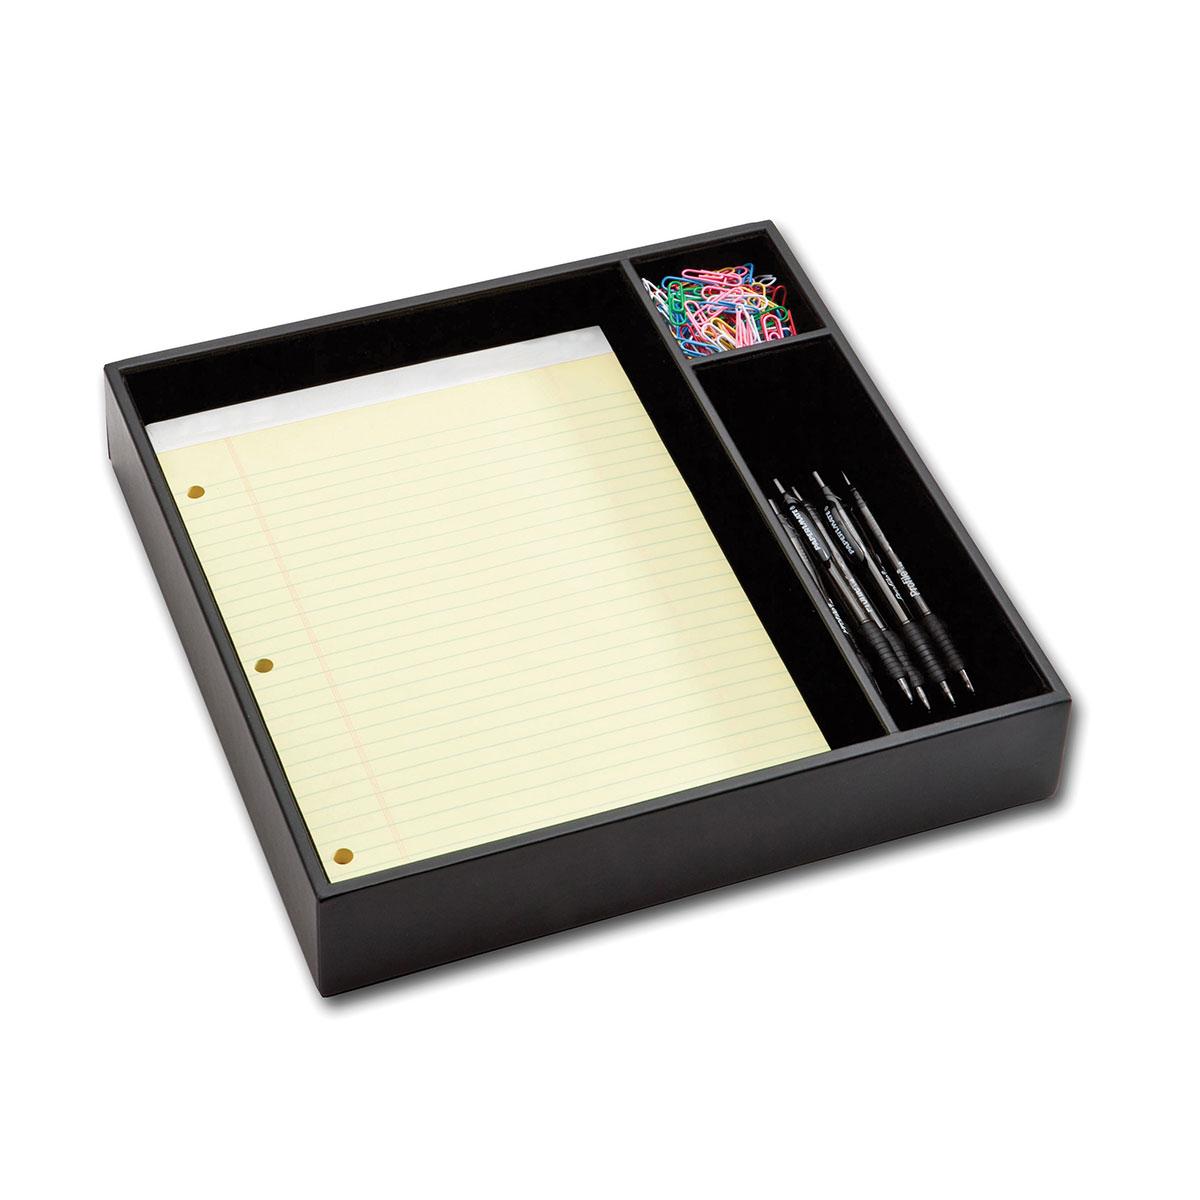 """Pad & Pen Organizer - Black 12 1/2"""" L x 12 7/16"""" W x 2 3/8"""" H, Black Leatherette, Felt Lined, Letter Size Pad & Pen Organizer, 1/EA"""